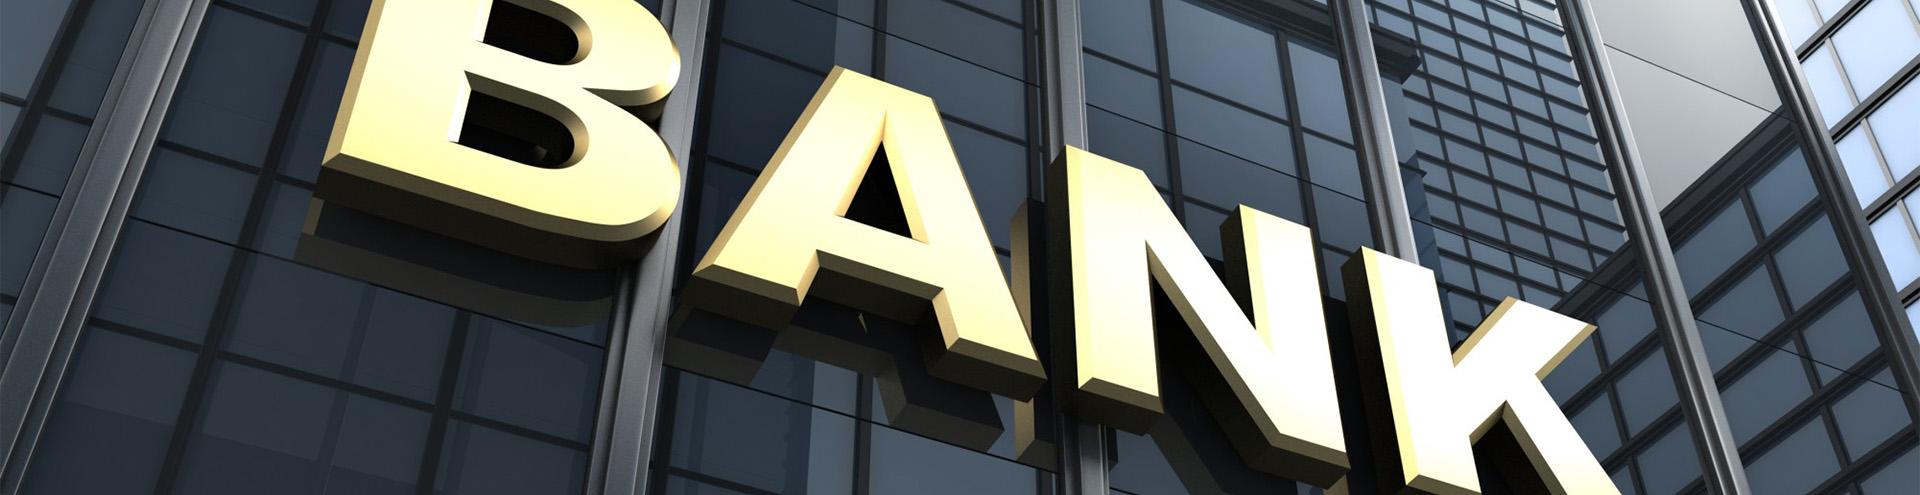 Споры с банками в Уфе и Республике Башкорстан